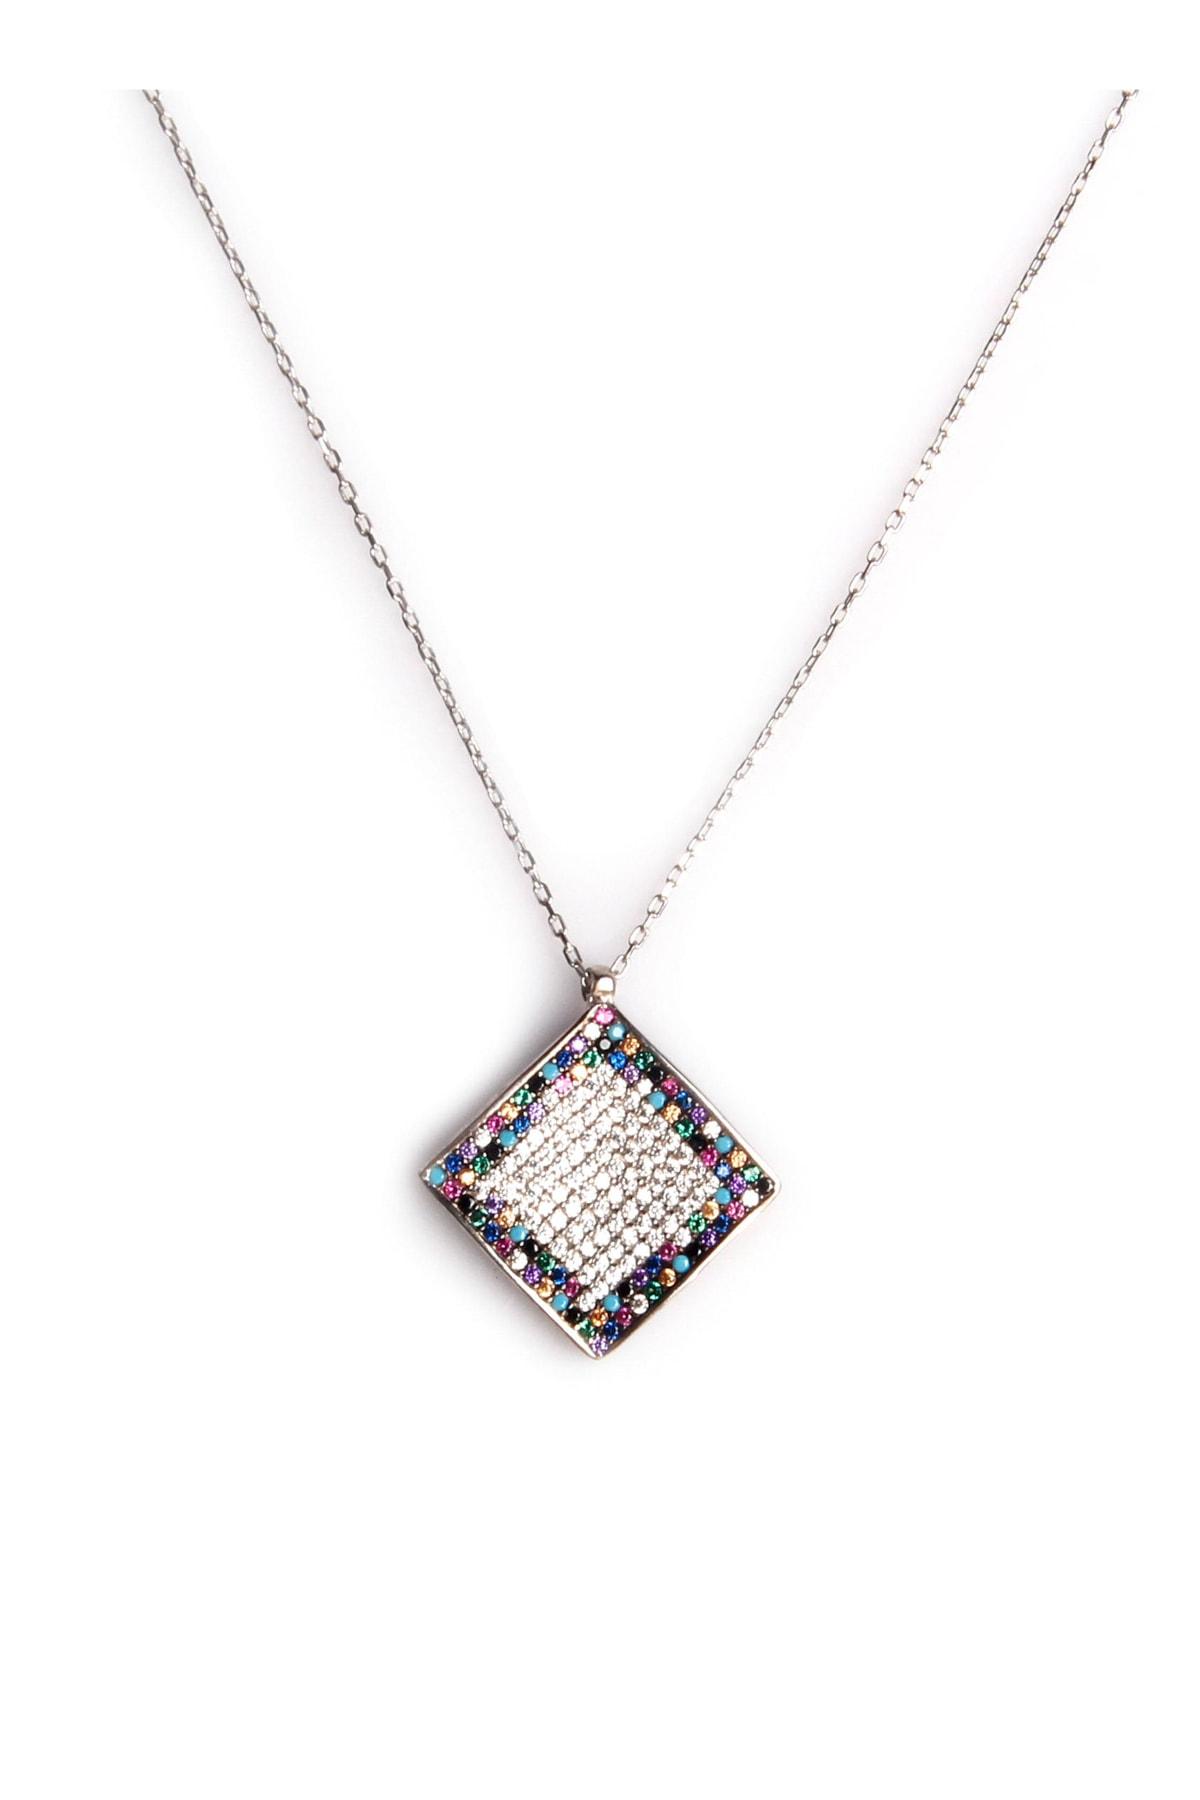 Sahra Renkli Zirkon Süslemeli Tasarım 925 Ayar Gümüş Kolye KLY-0066-37 1